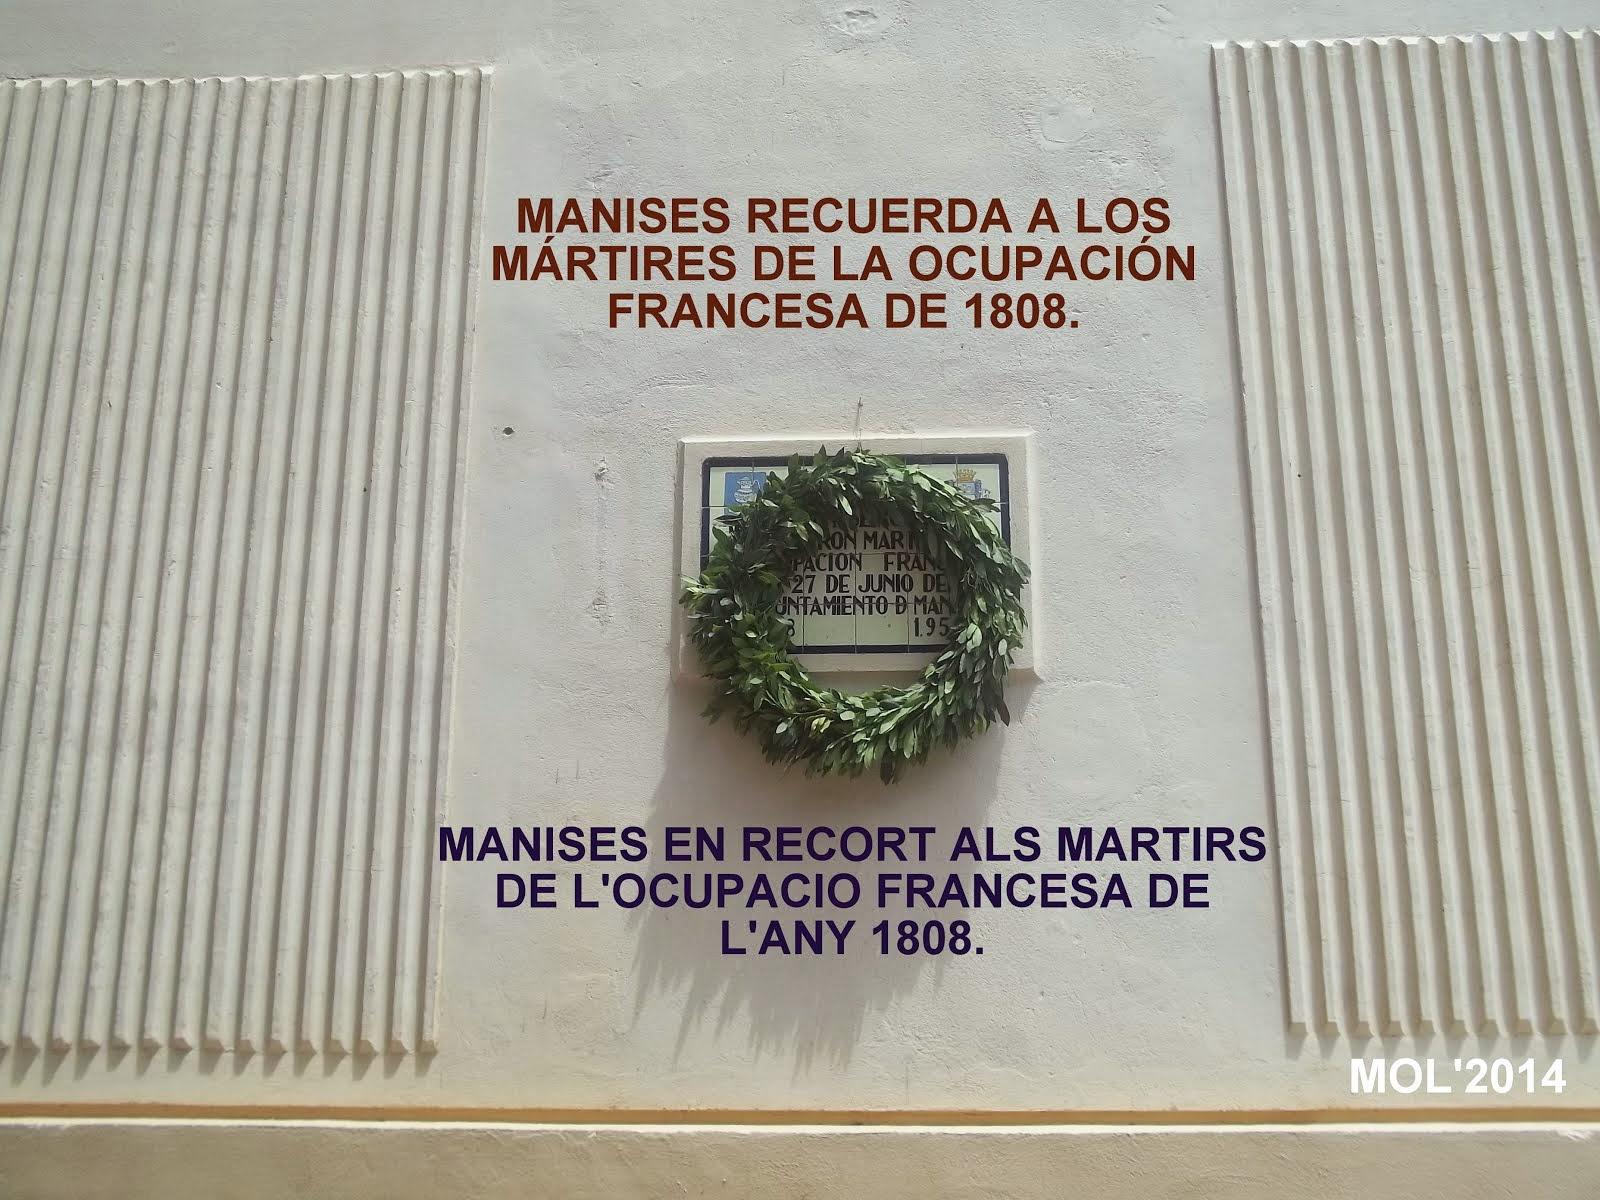 VIERNES DÍA 27 DE JUNIO, ANIVERSARIO DE LOS ASESINATOS POR LAS TROPAS FRANCESAS EN 1808.